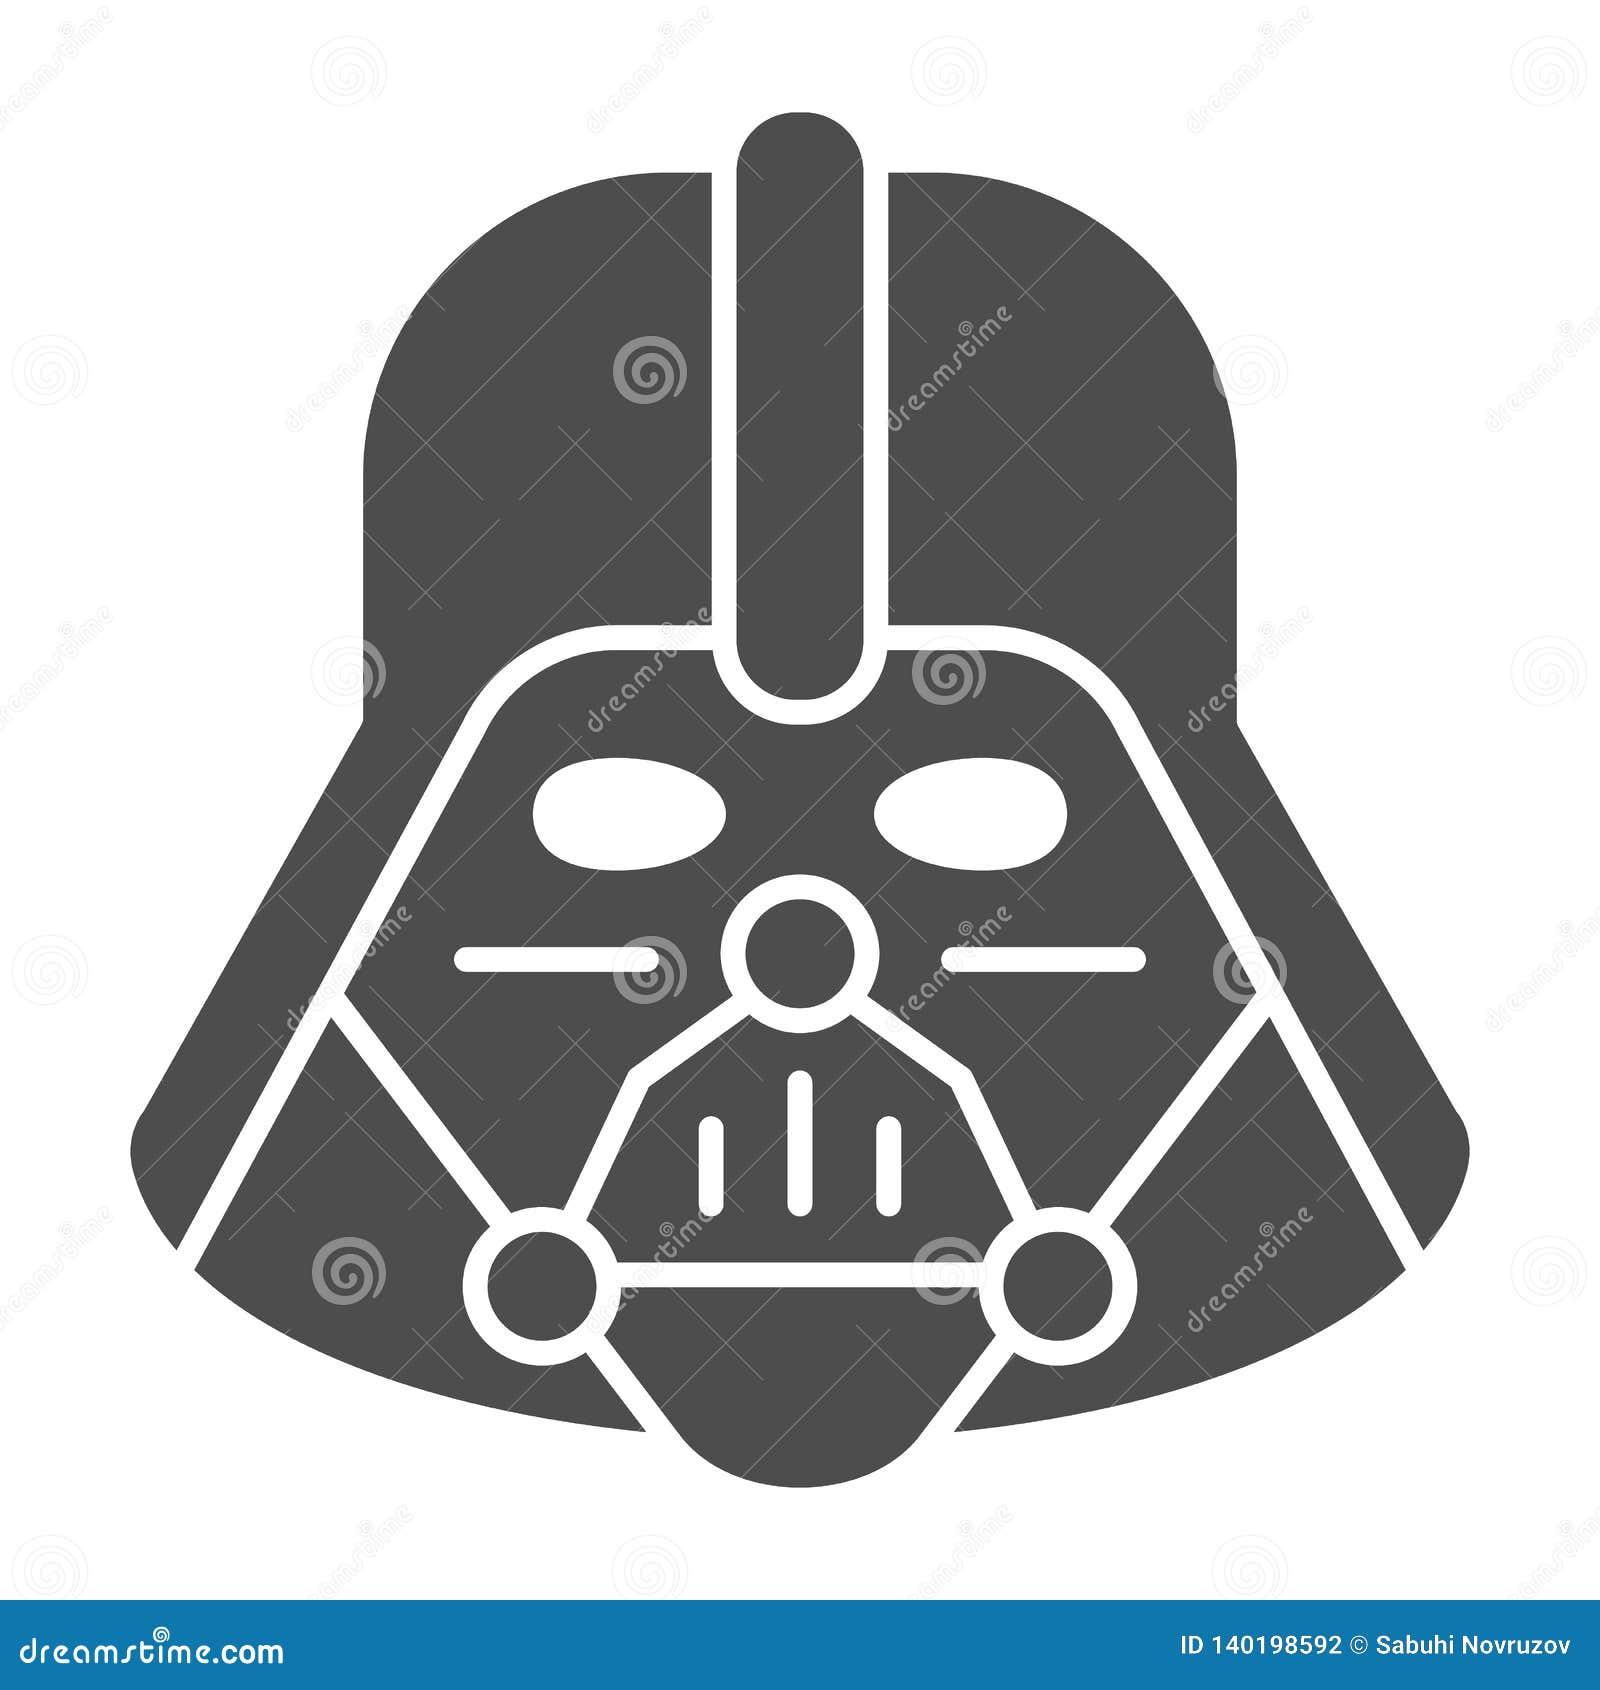 Feste Ikone Darth Vader Star Wars-Vektorillustration lokalisiert auf Weiß Leerzeichen Glyph-Artentwurf, entworfen